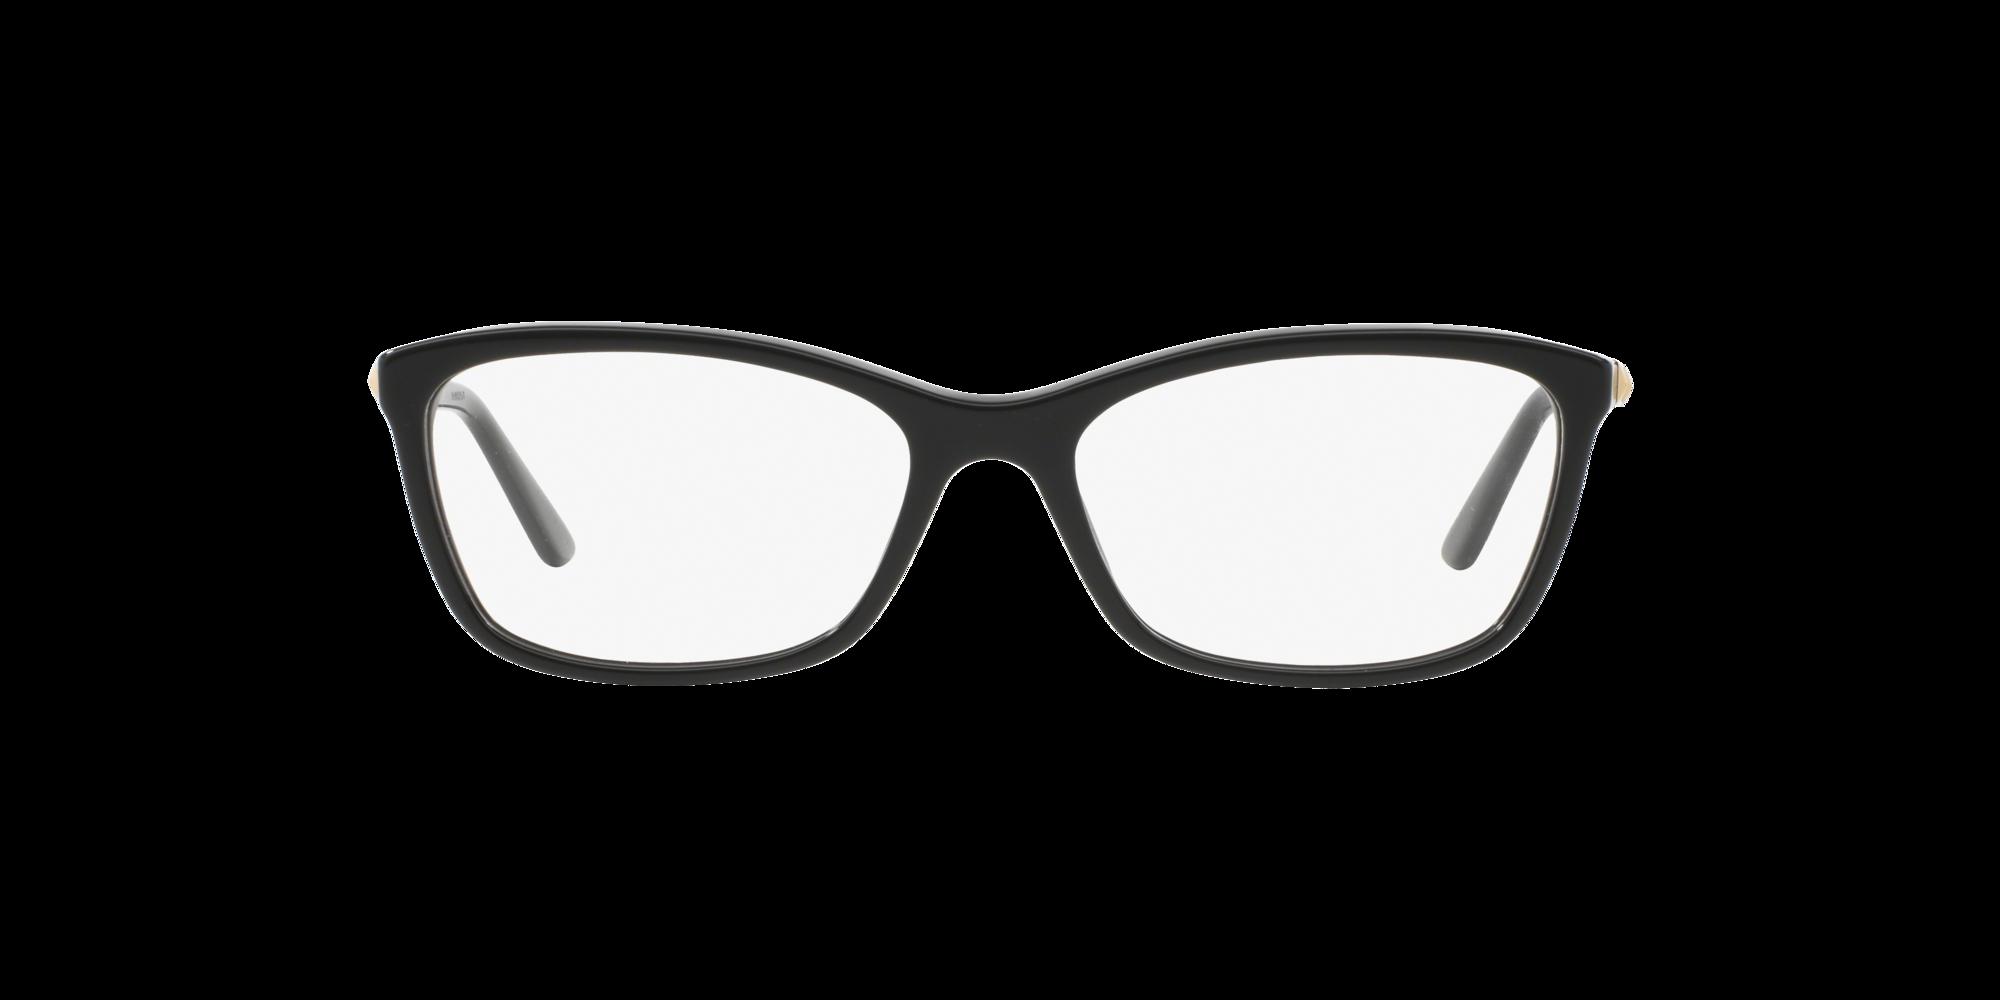 Imagen para VE3186 de LensCrafters |  Espejuelos, espejuelos graduados en línea, gafas